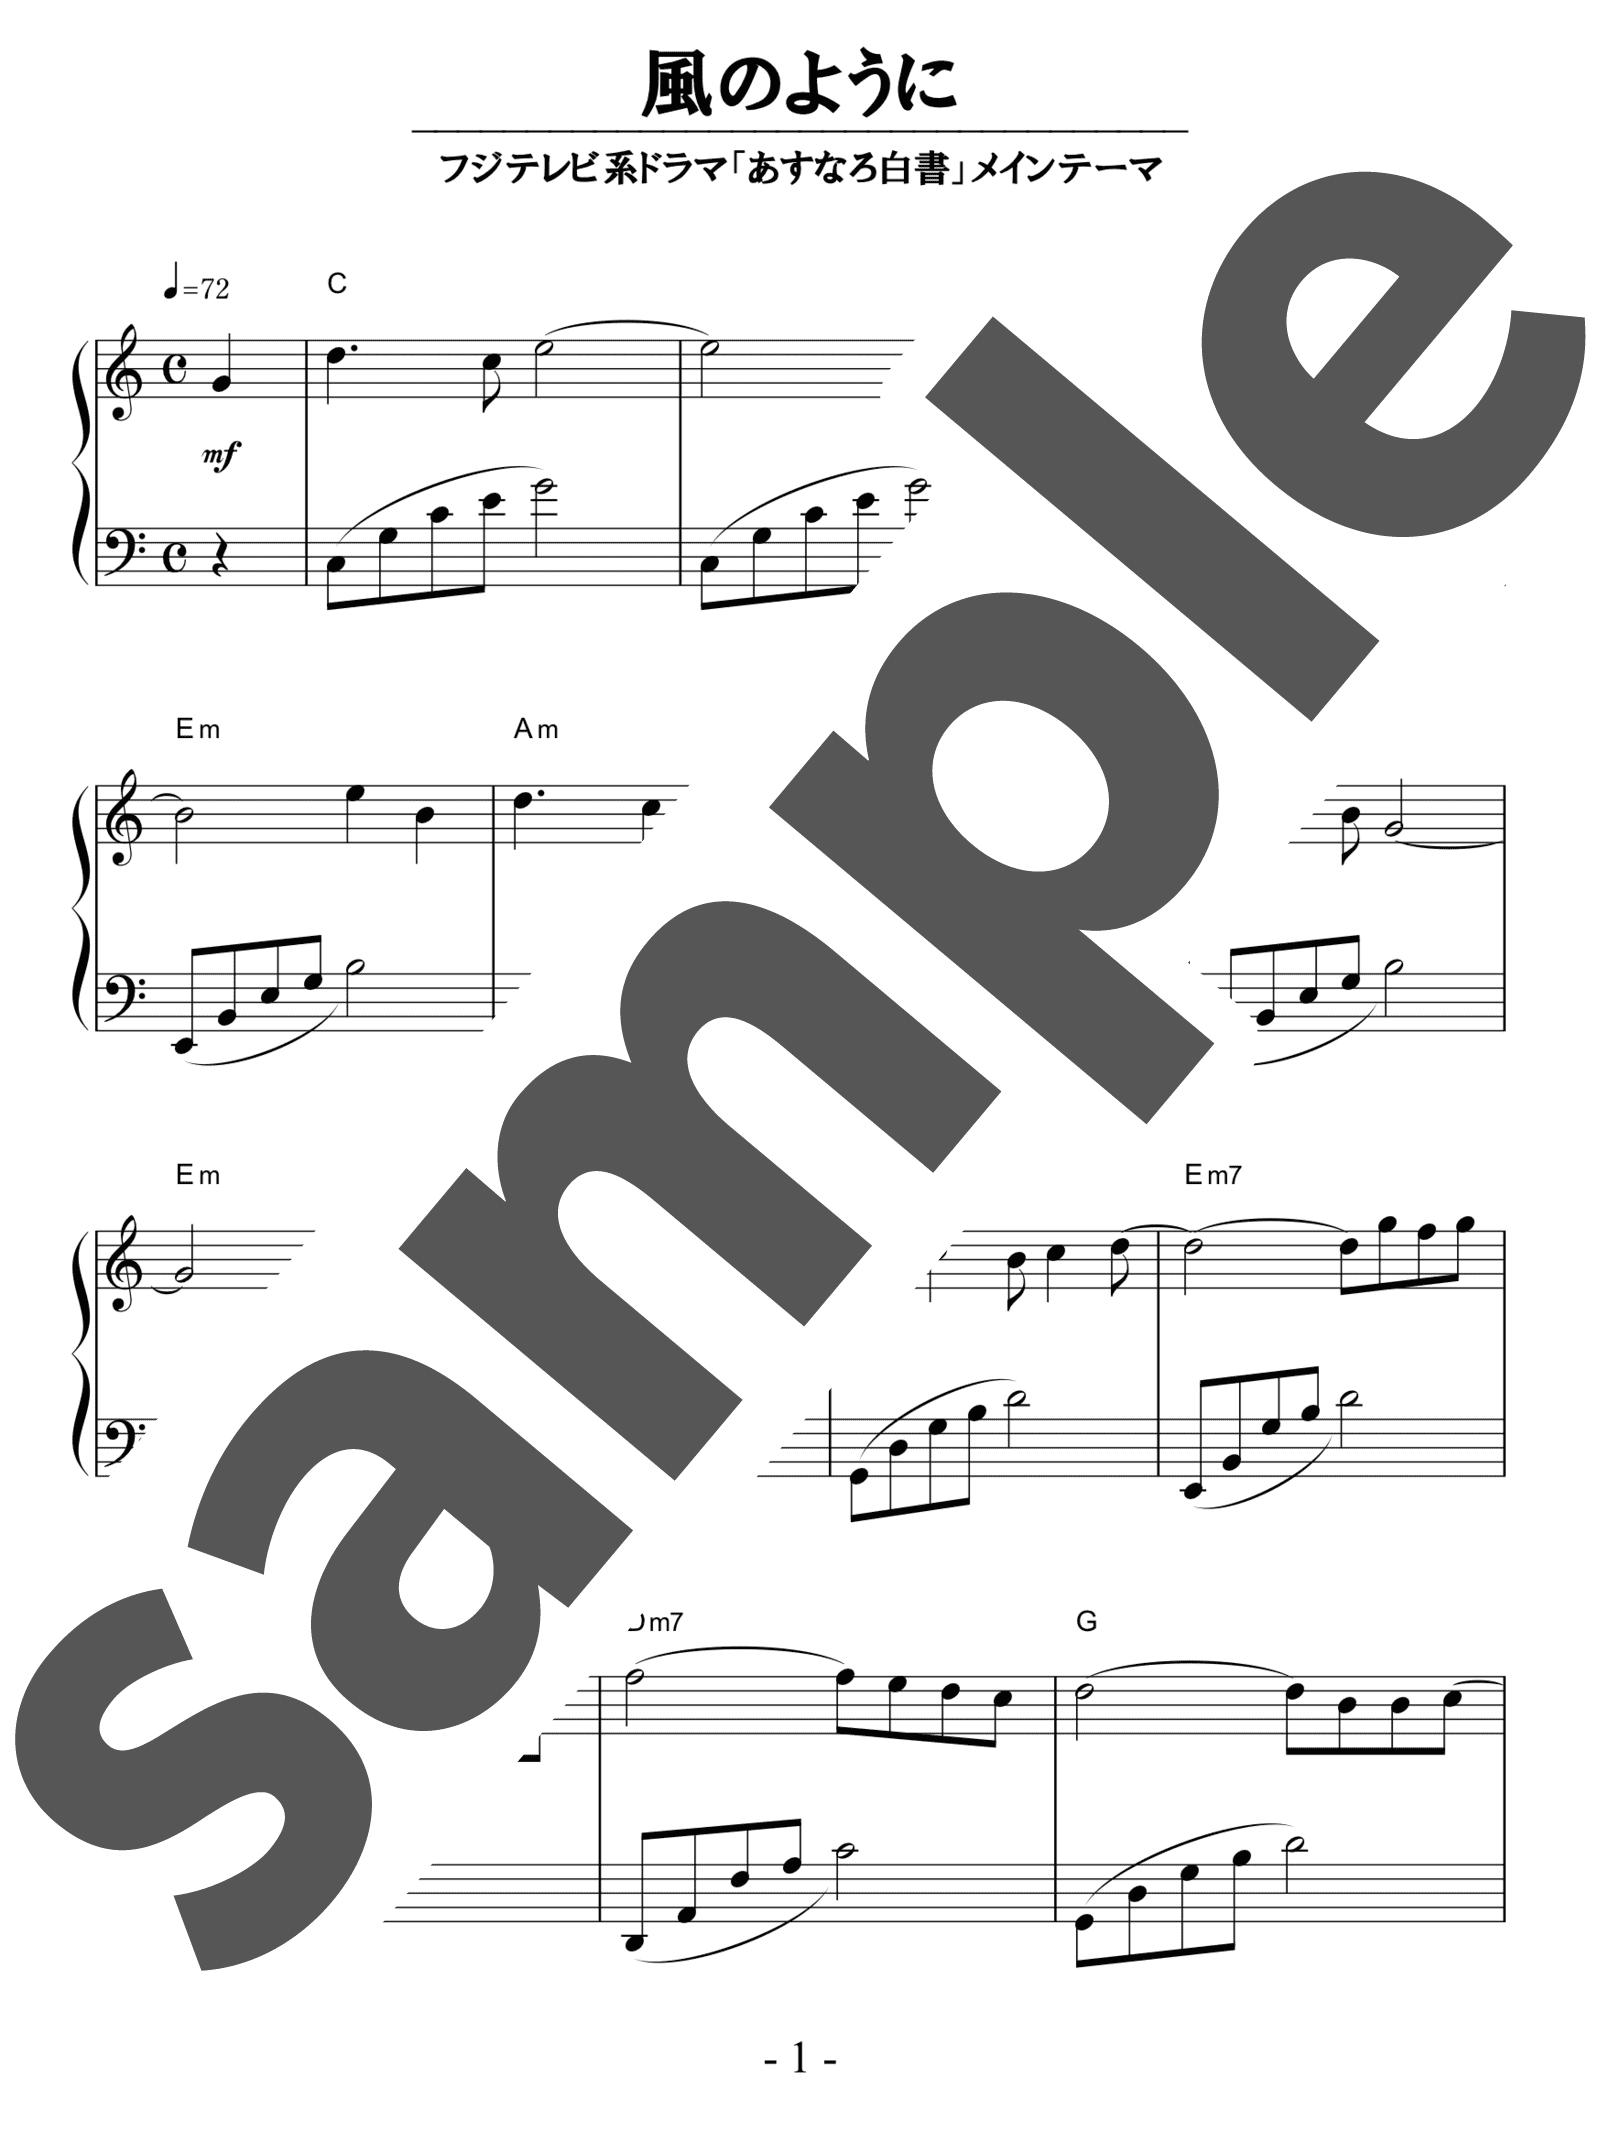 「風のように」のサンプル楽譜